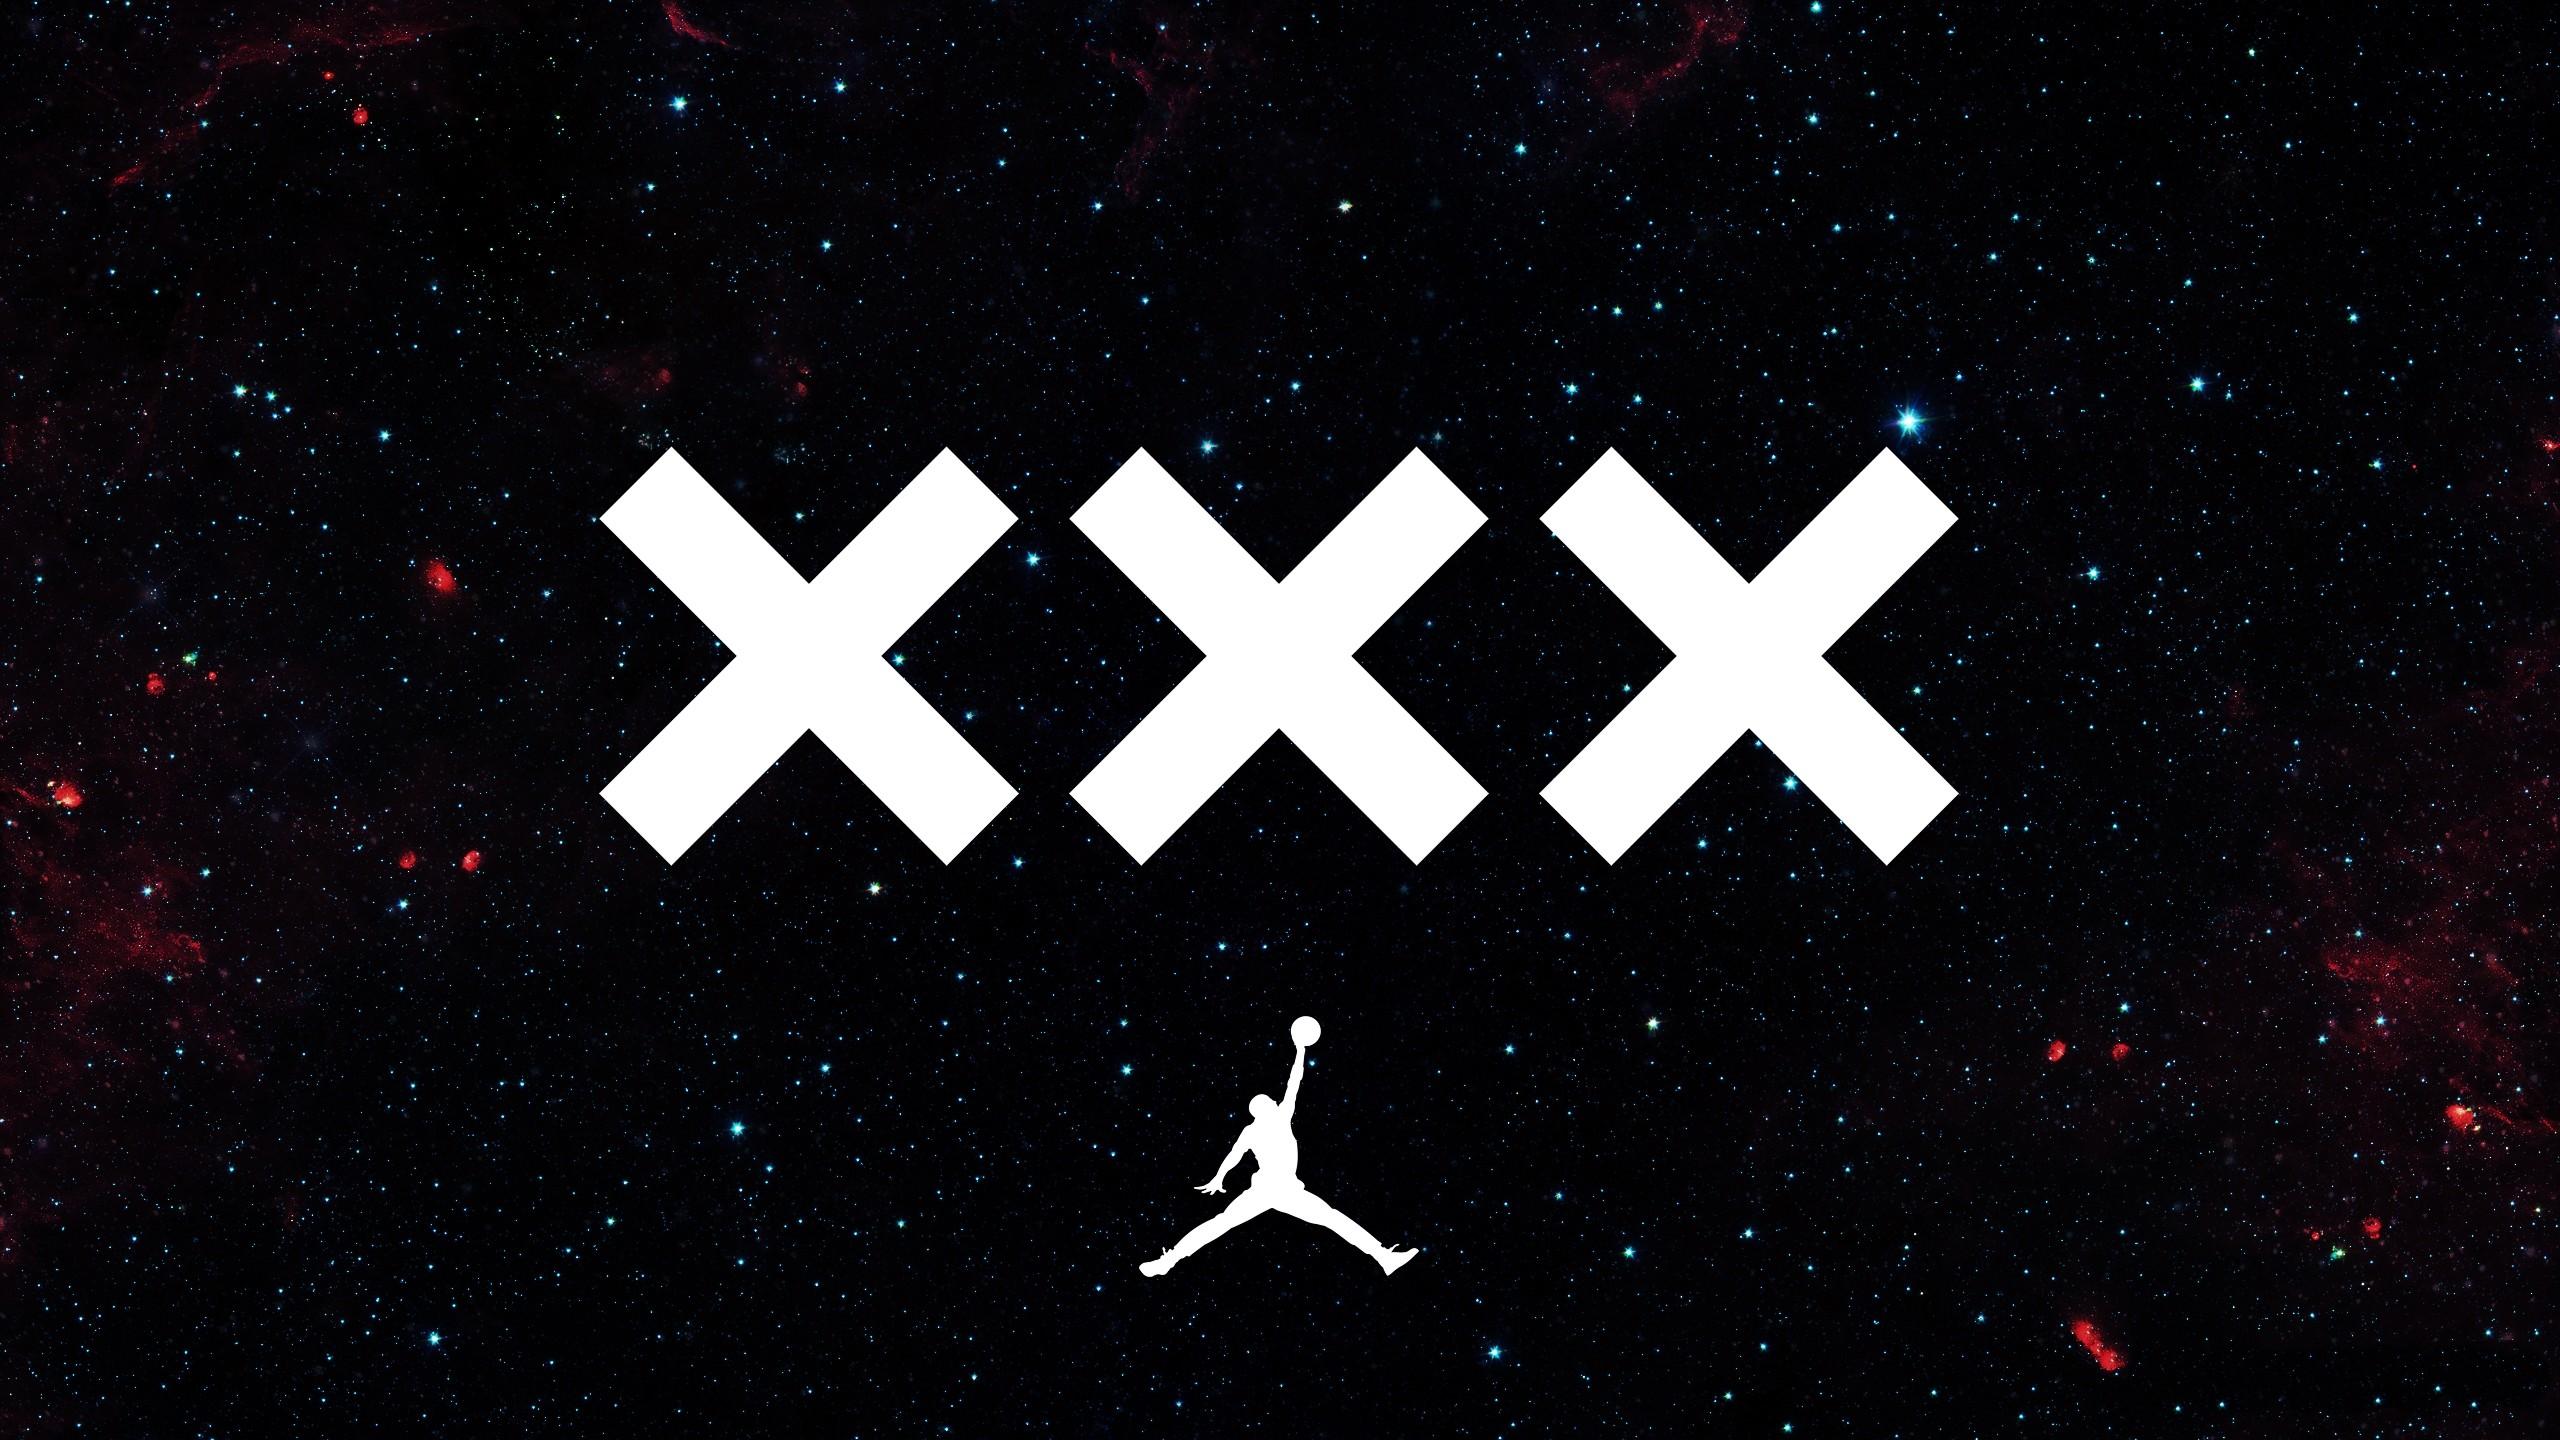 Air Jordan Wallpaper Iphone 4 Air Jordan Logo Wallpaper Hd 69 Images